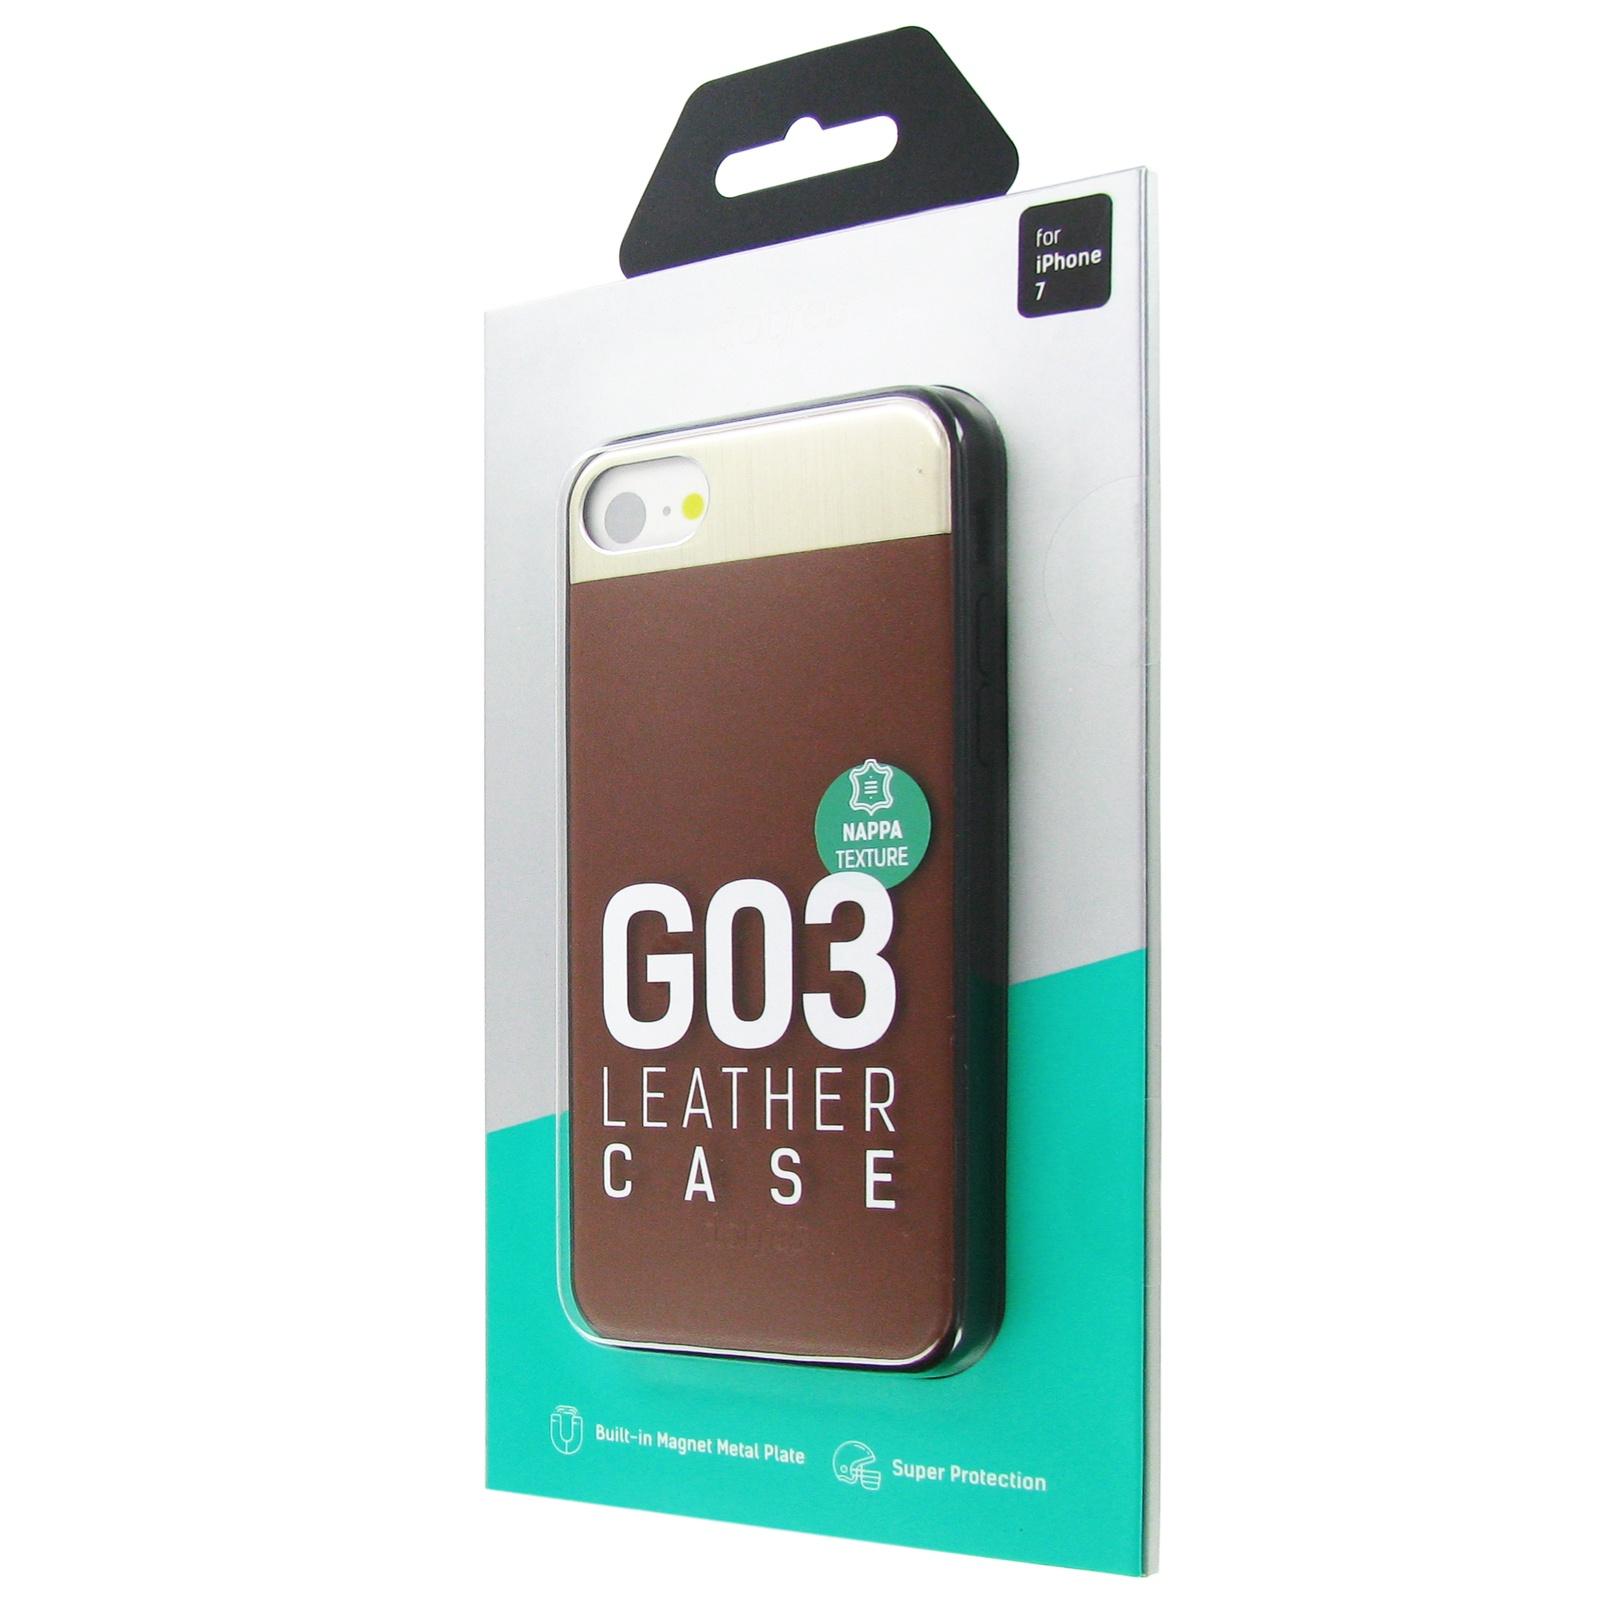 Чехол для сотового телефона Dotfes G03, коричневый цена и фото